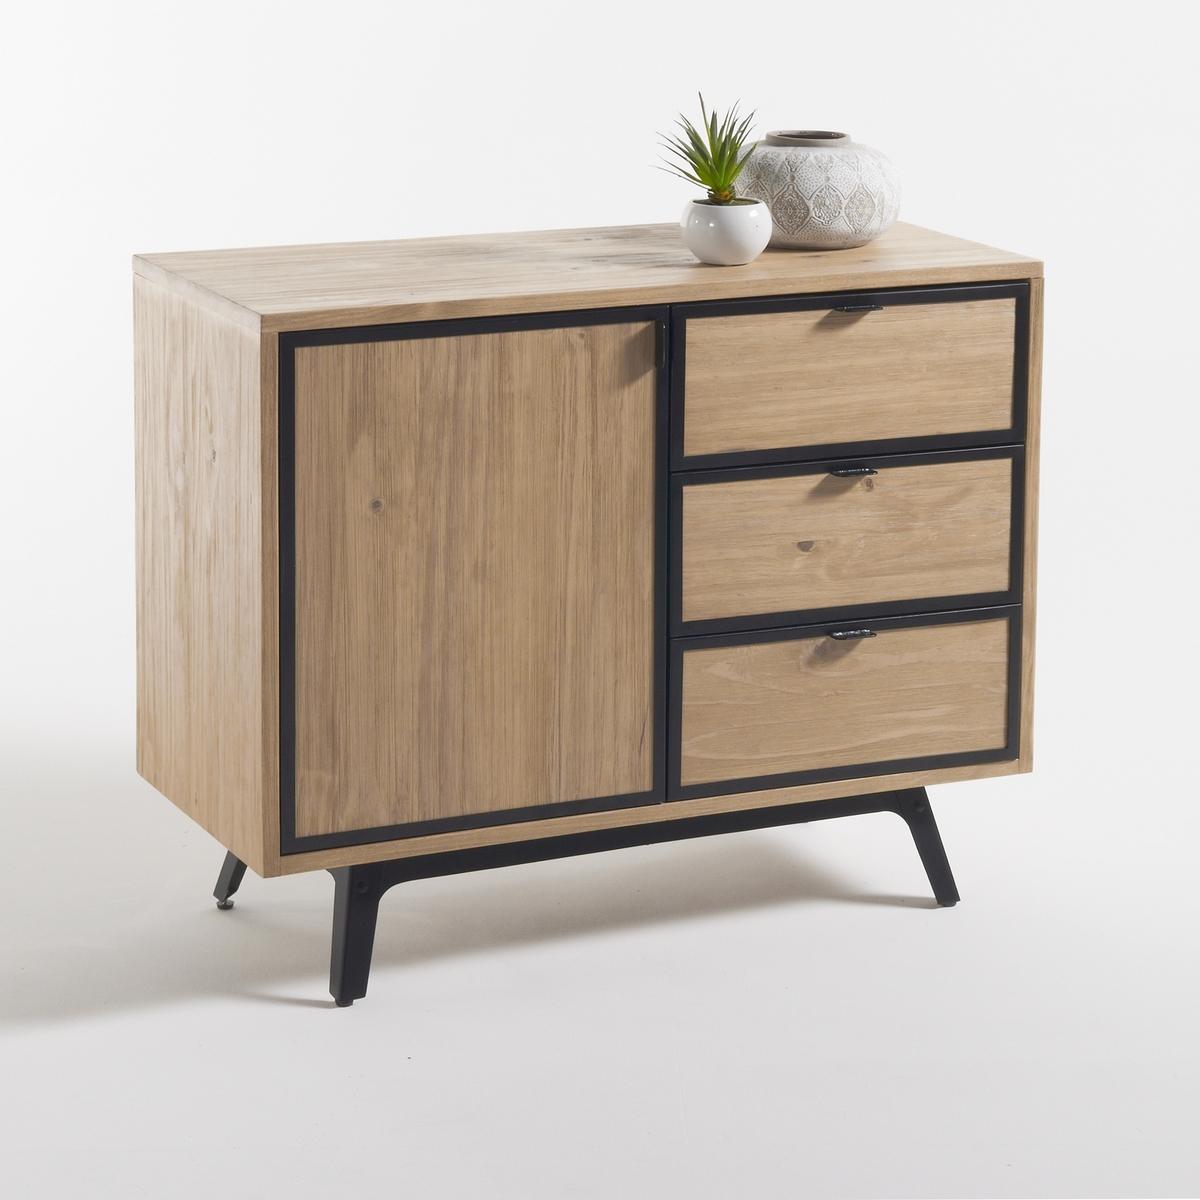 Шкаф-буфет LaRedoute С 1 дверцей и 3 ящиками Daffo единый размер каштановый